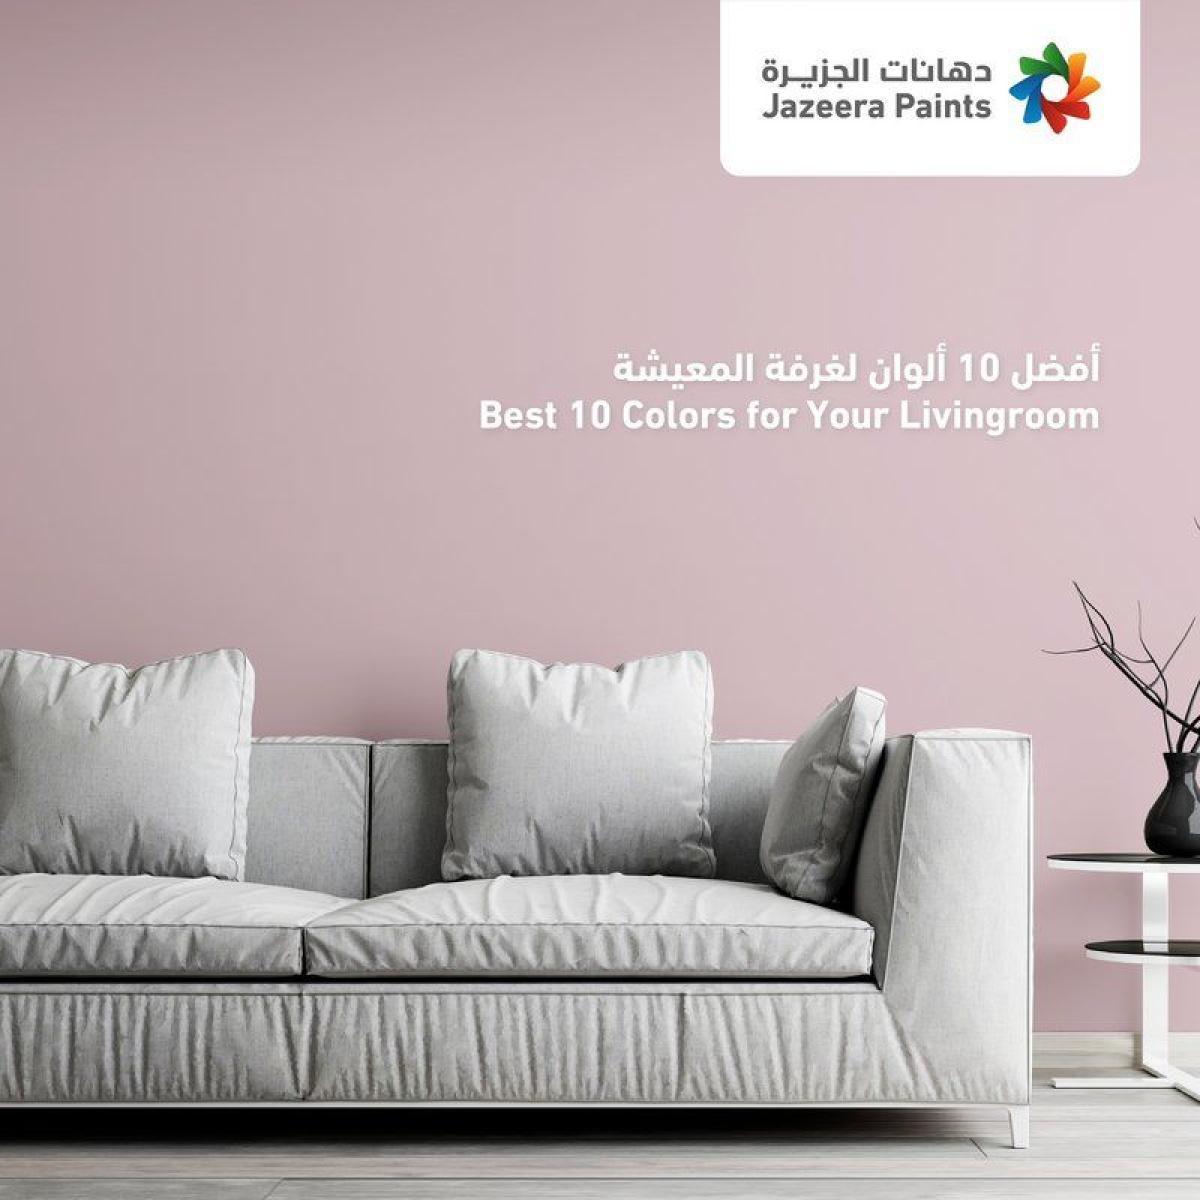 """10 ألوان لغرفة معيشة عصرية ومثالية من """"دهانات الجزيرة"""" لعام 2021"""